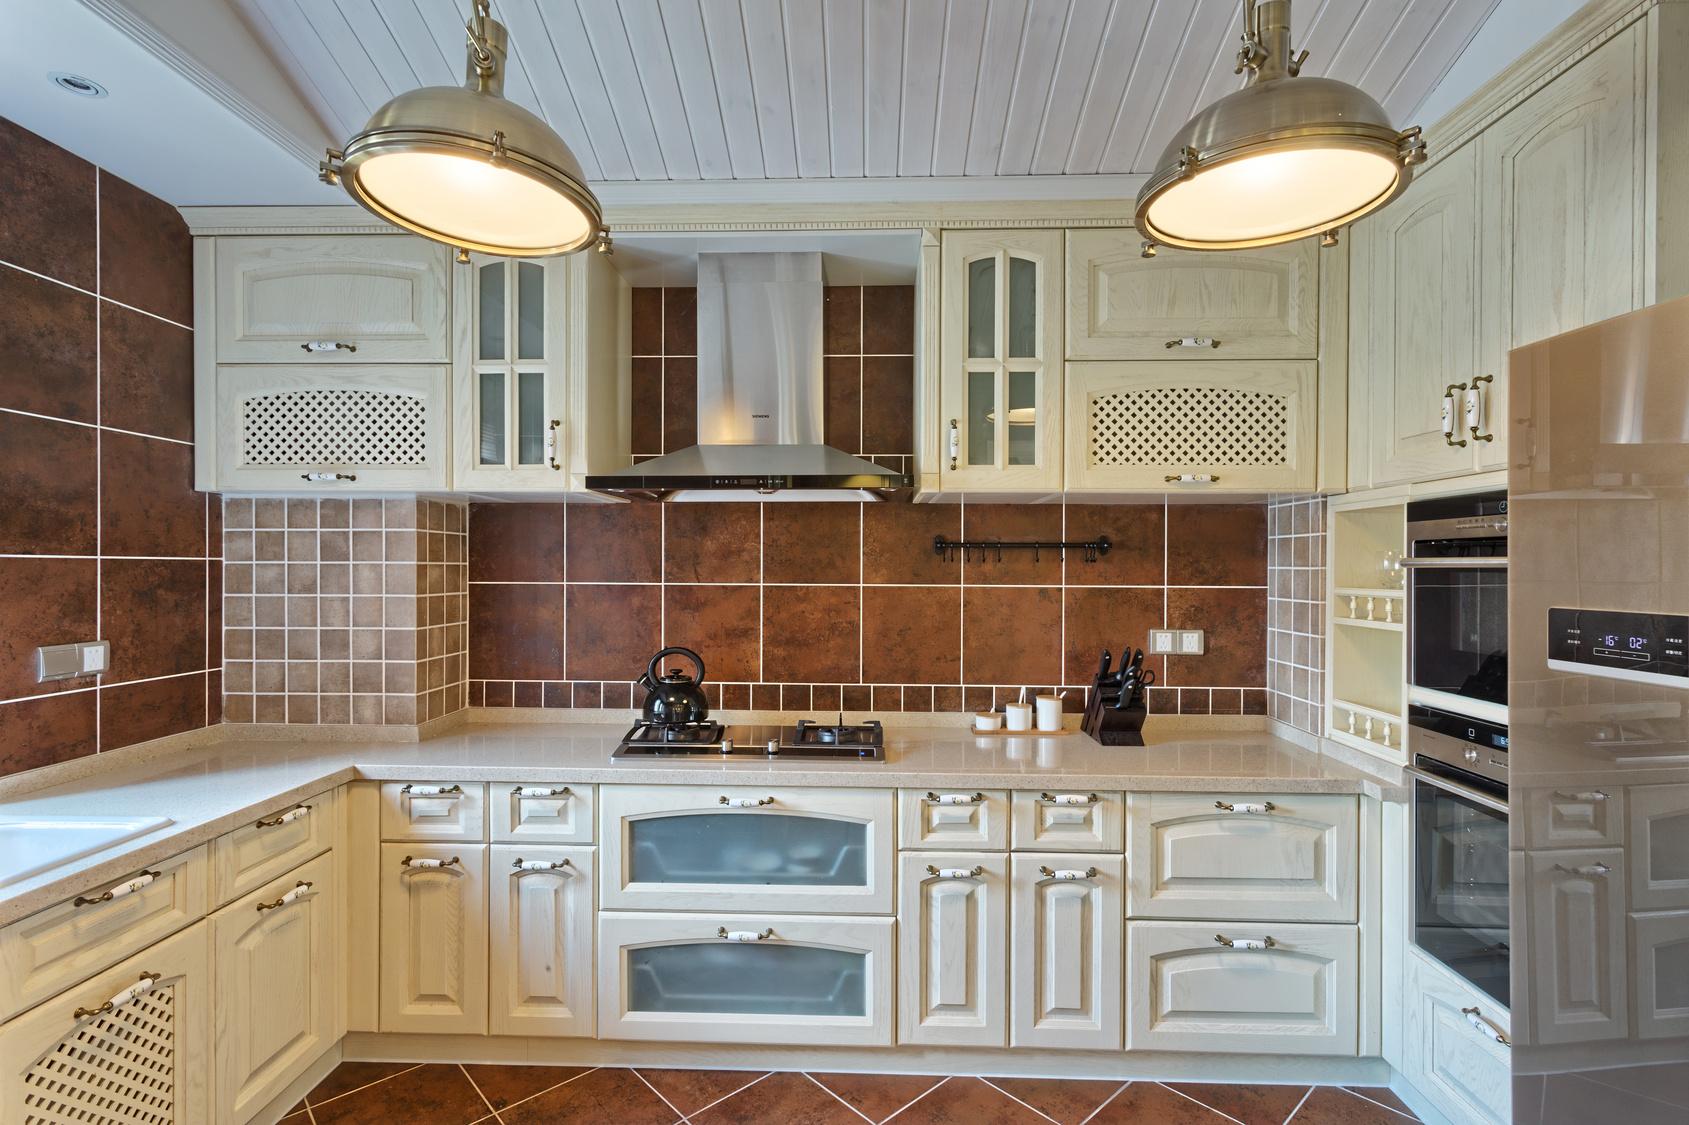 Rustikaler Landhausstil. Französischer Landhausstilküche